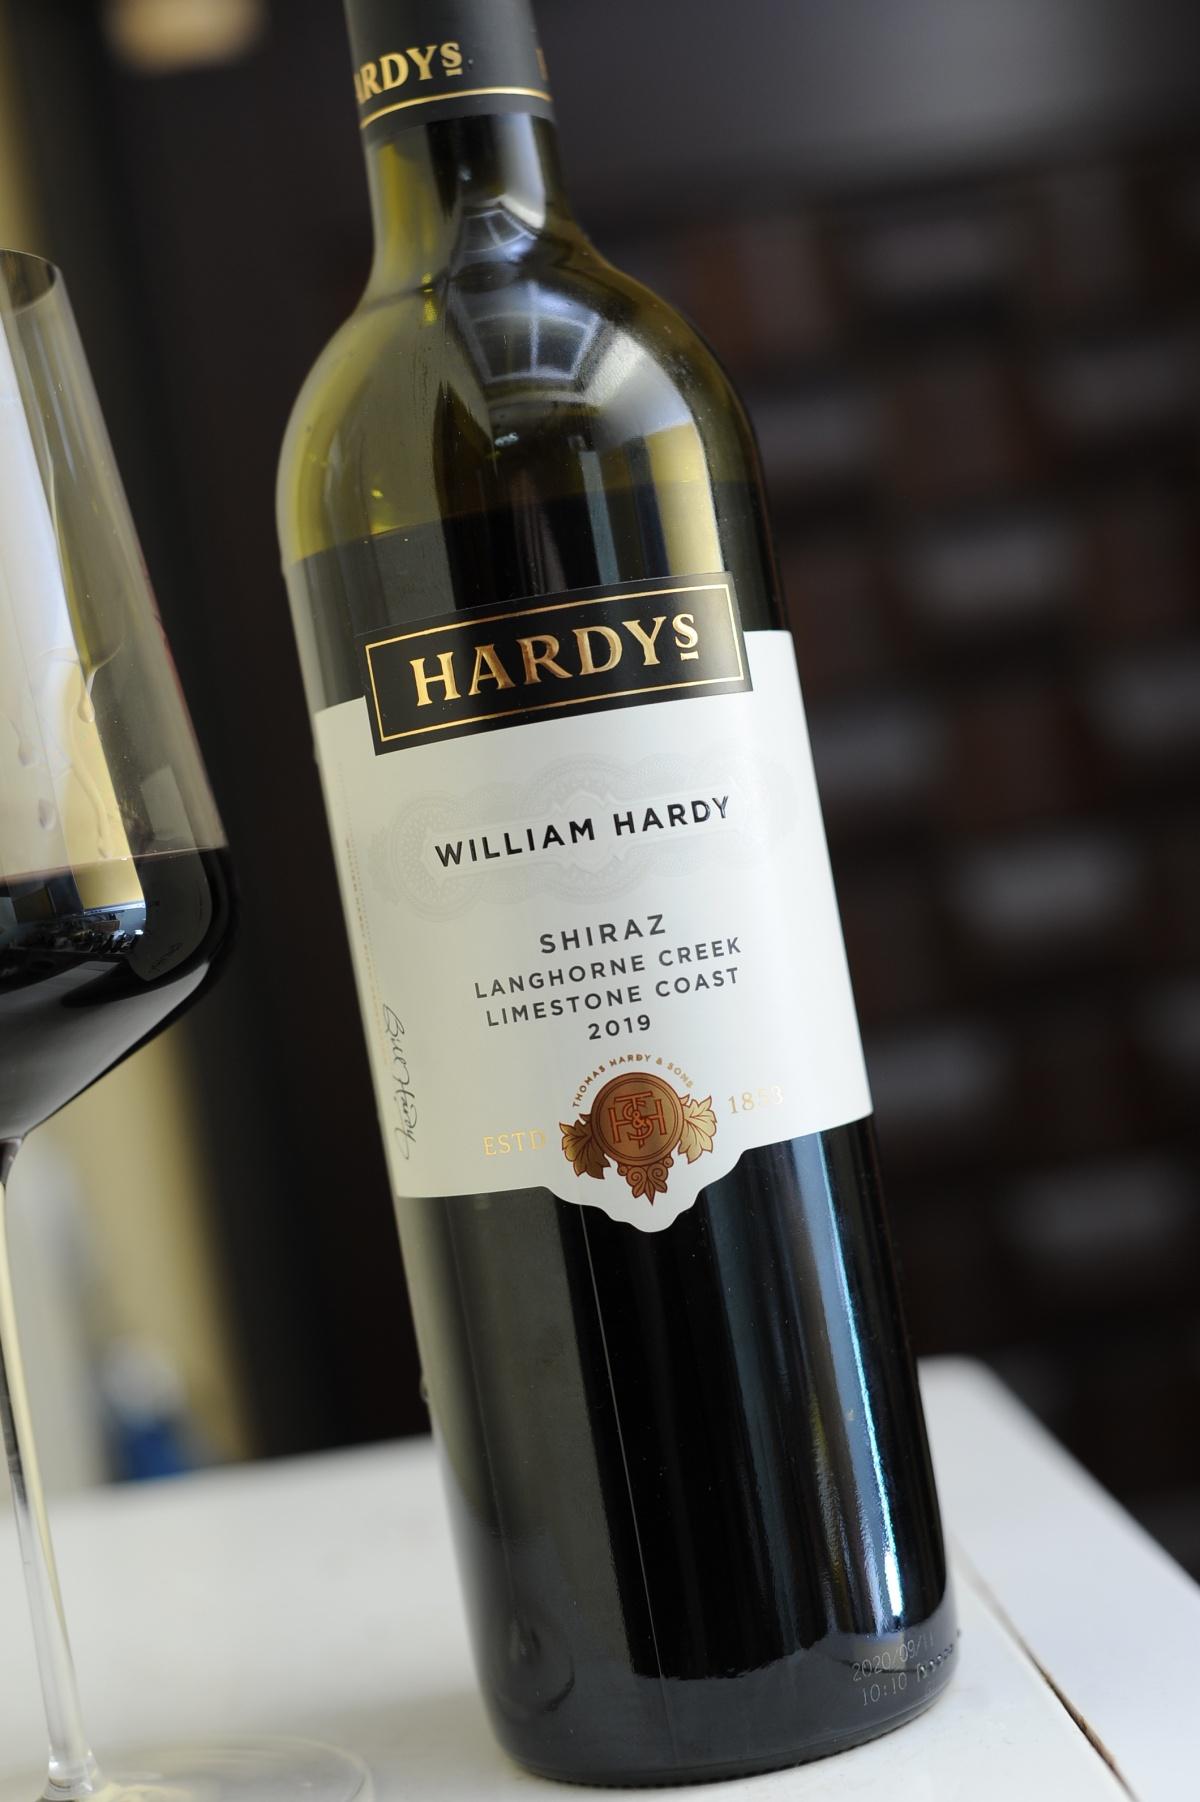 Hardy's William Hardy Shiraz